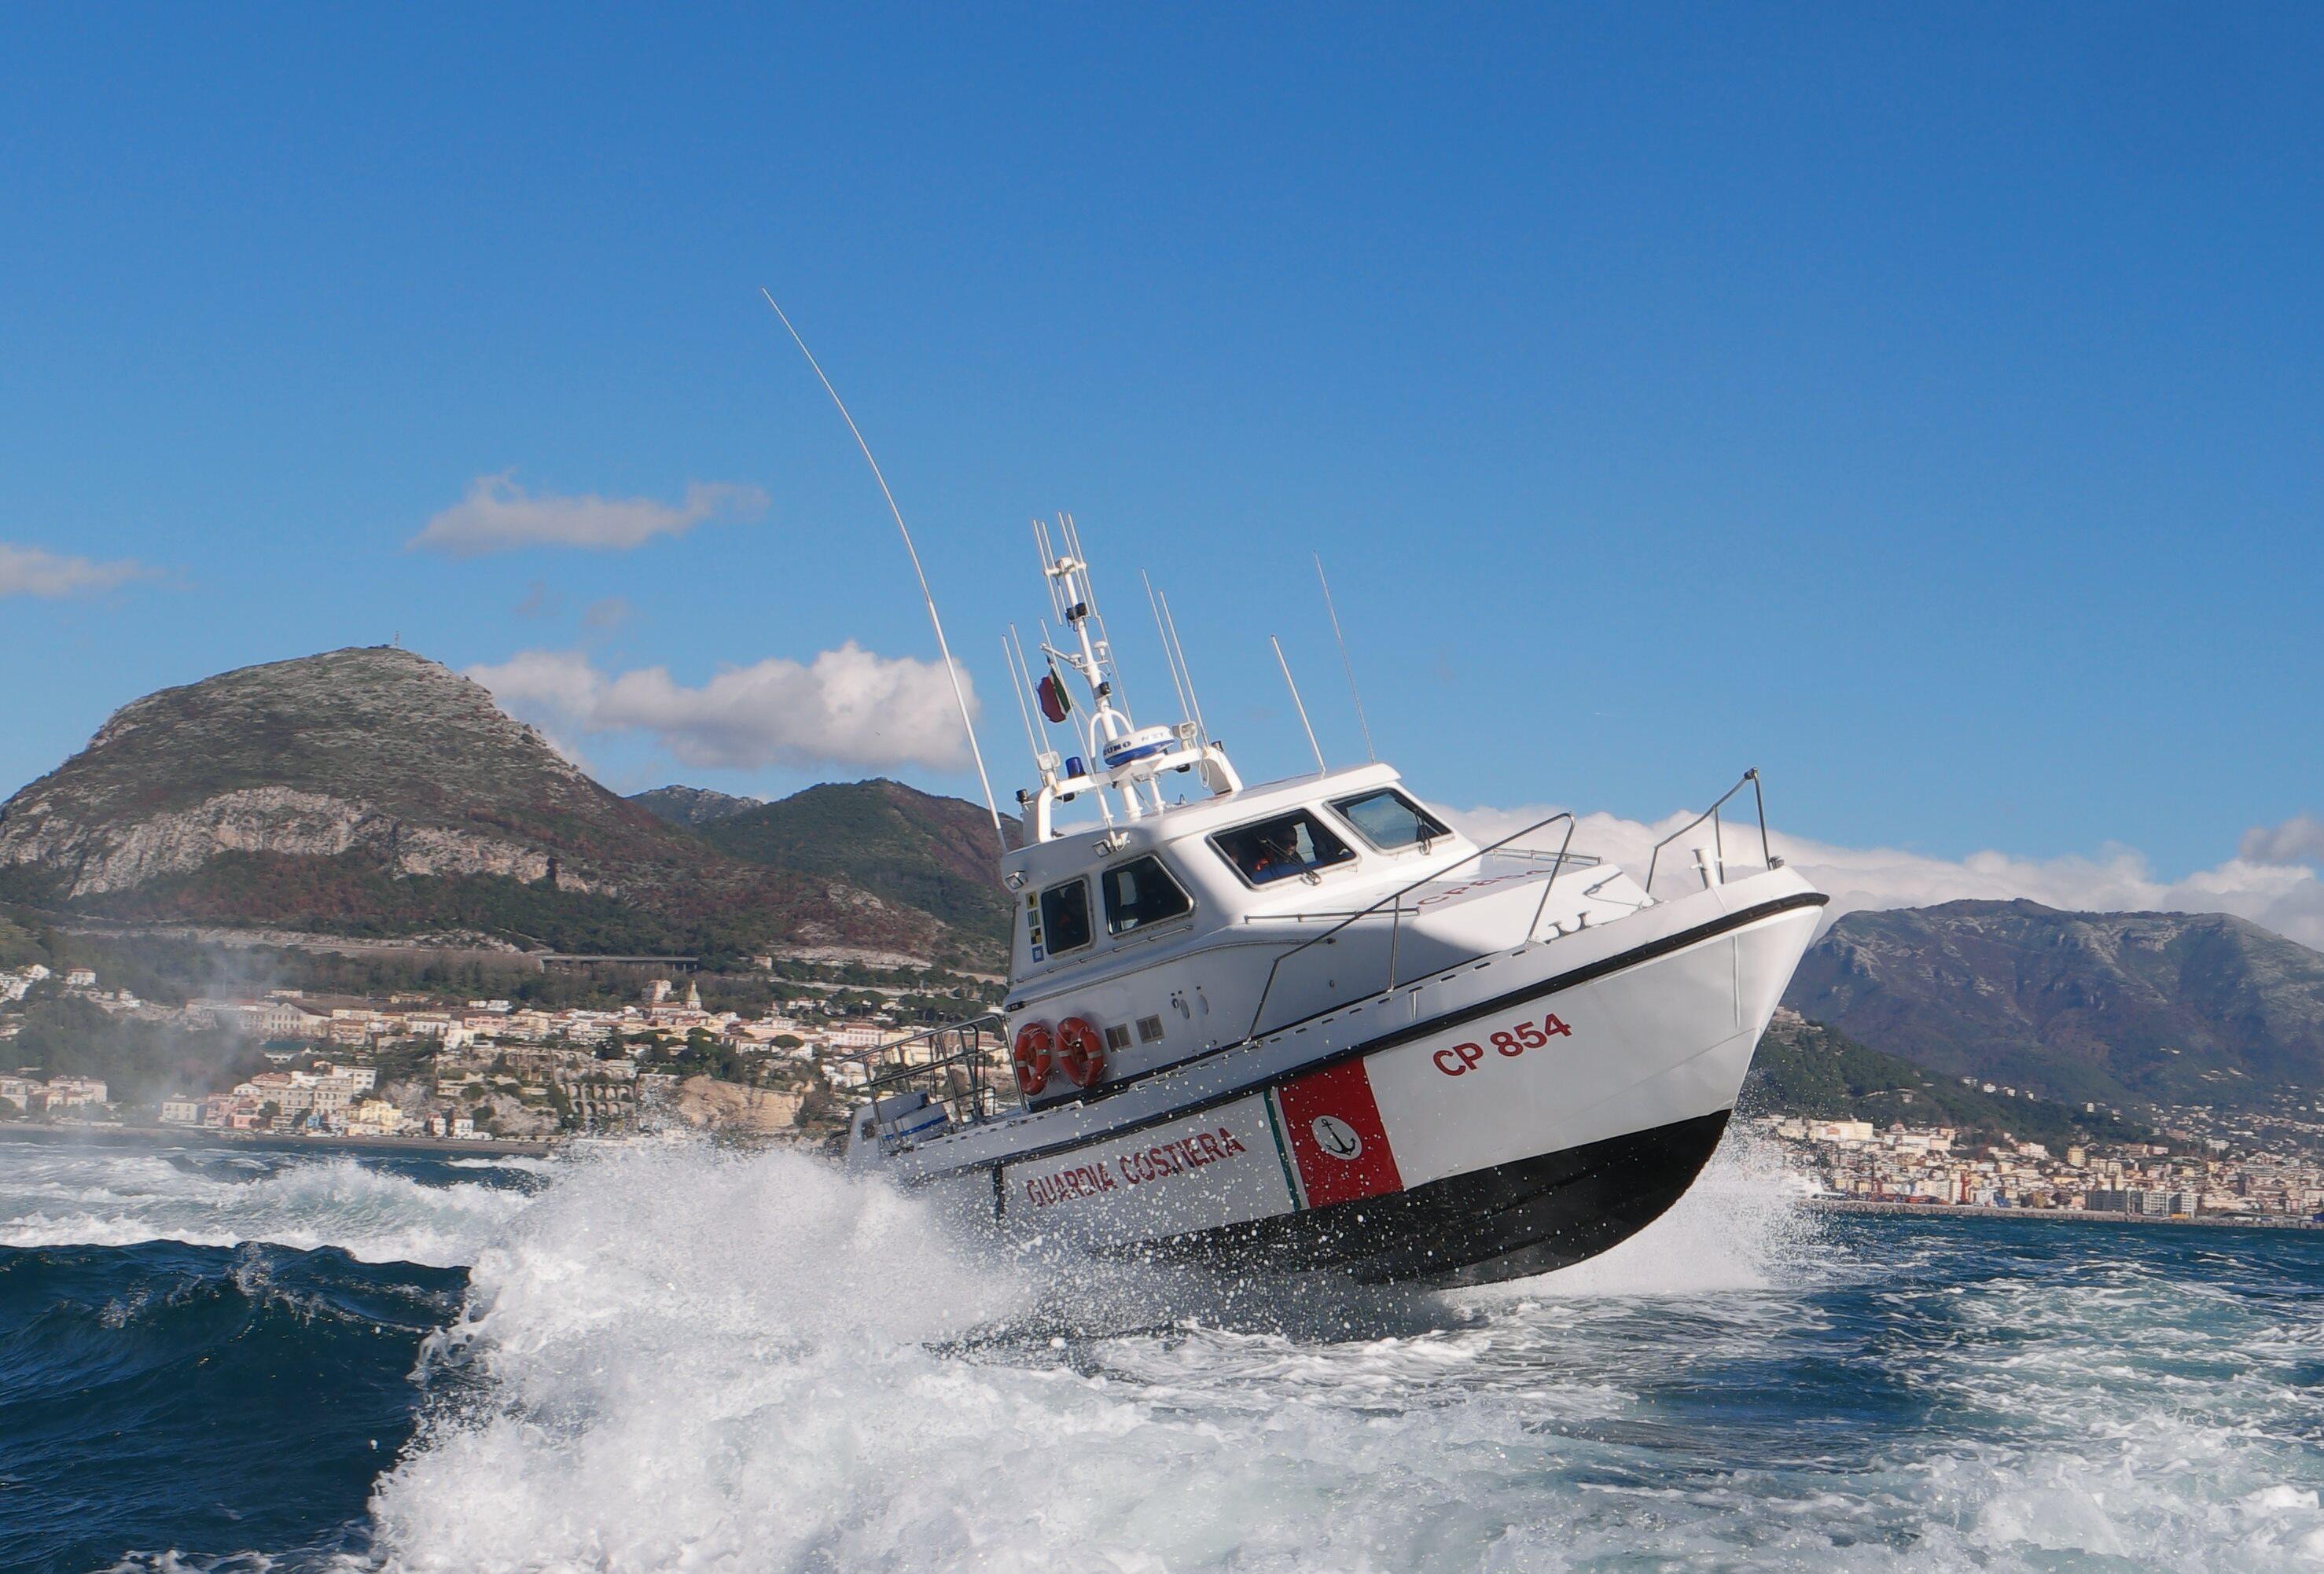 Salerno, Porticciolo Santa Teresa:  imbarcazione in fiamme, guardia costiera salva 4 persone a bordo